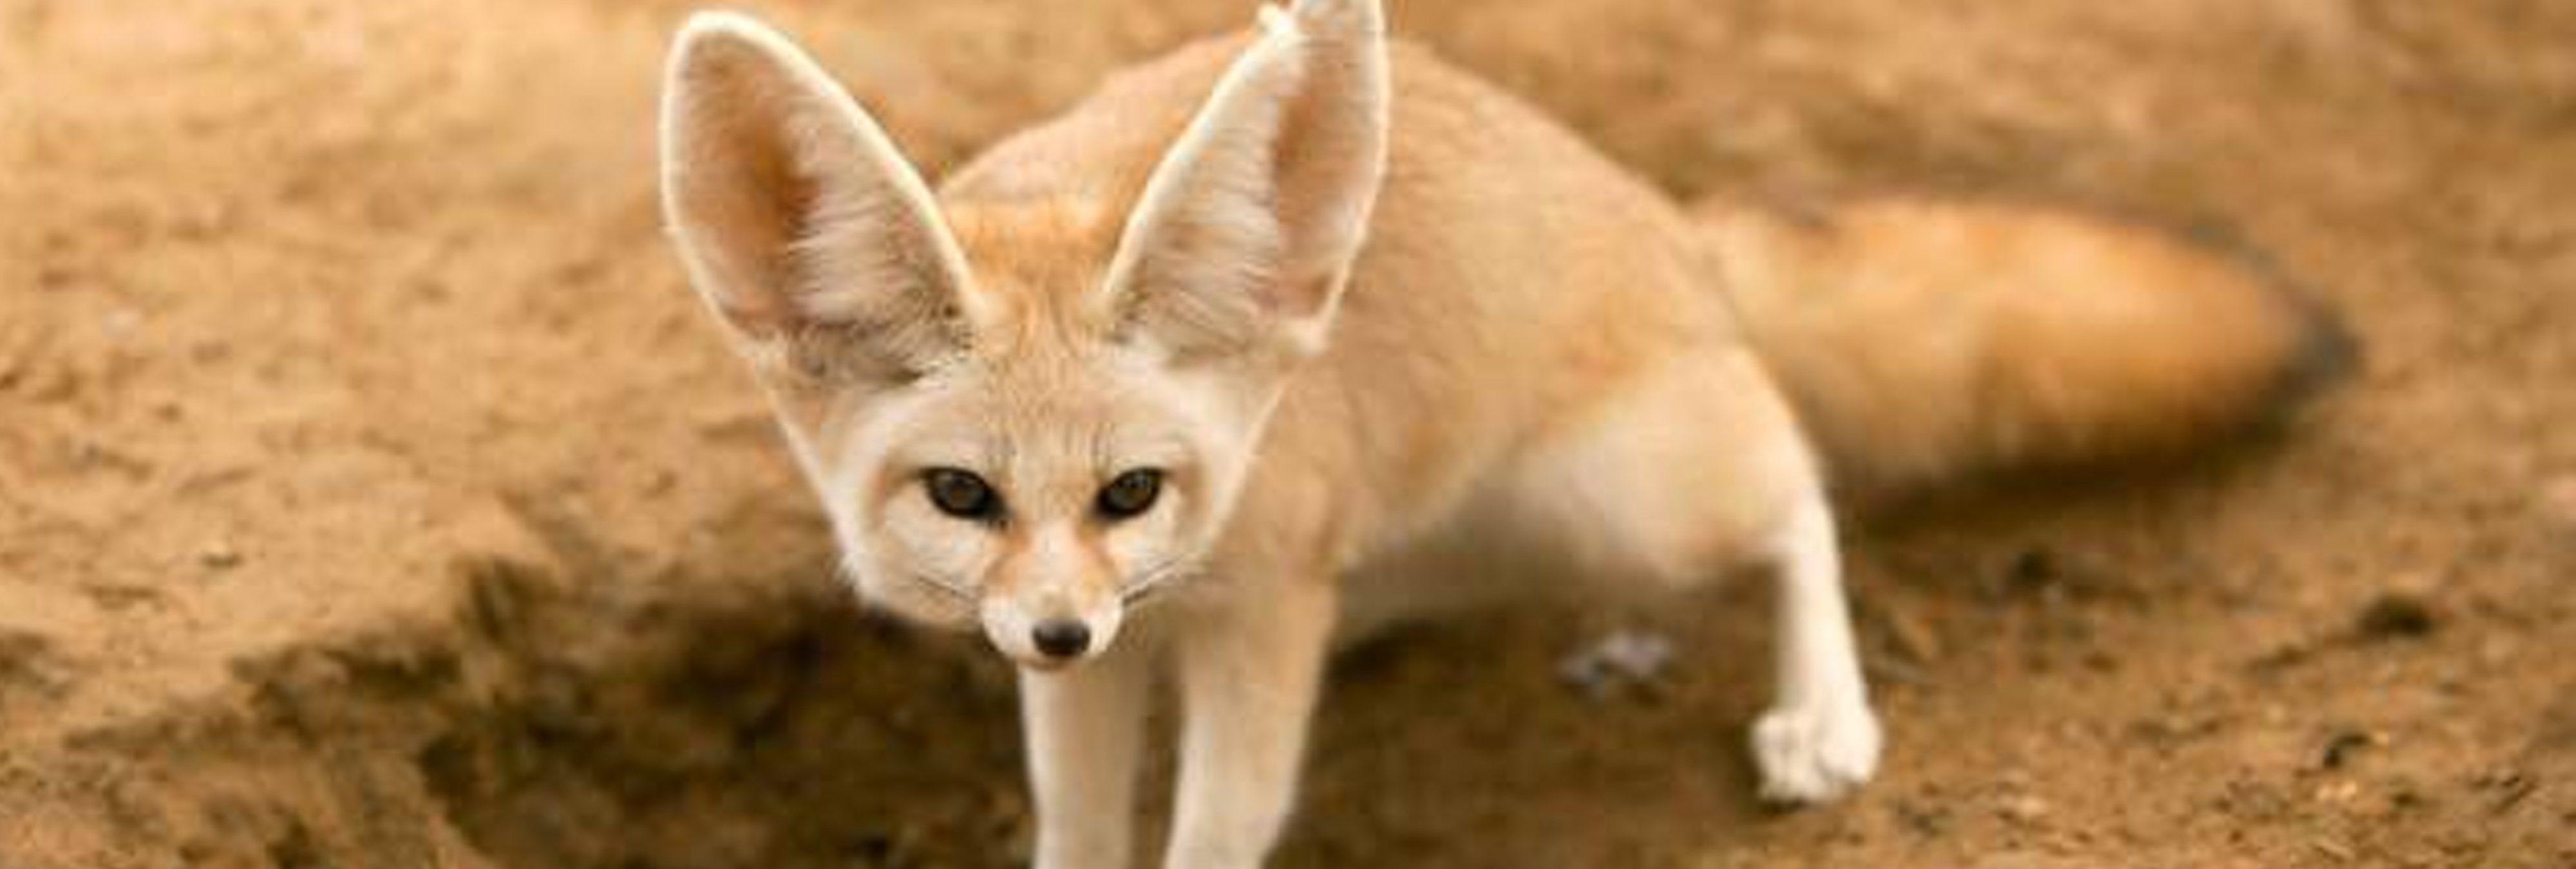 Una youtuber somete a su zorro a una estricta dieta vegana y la acusan de maltrato animal